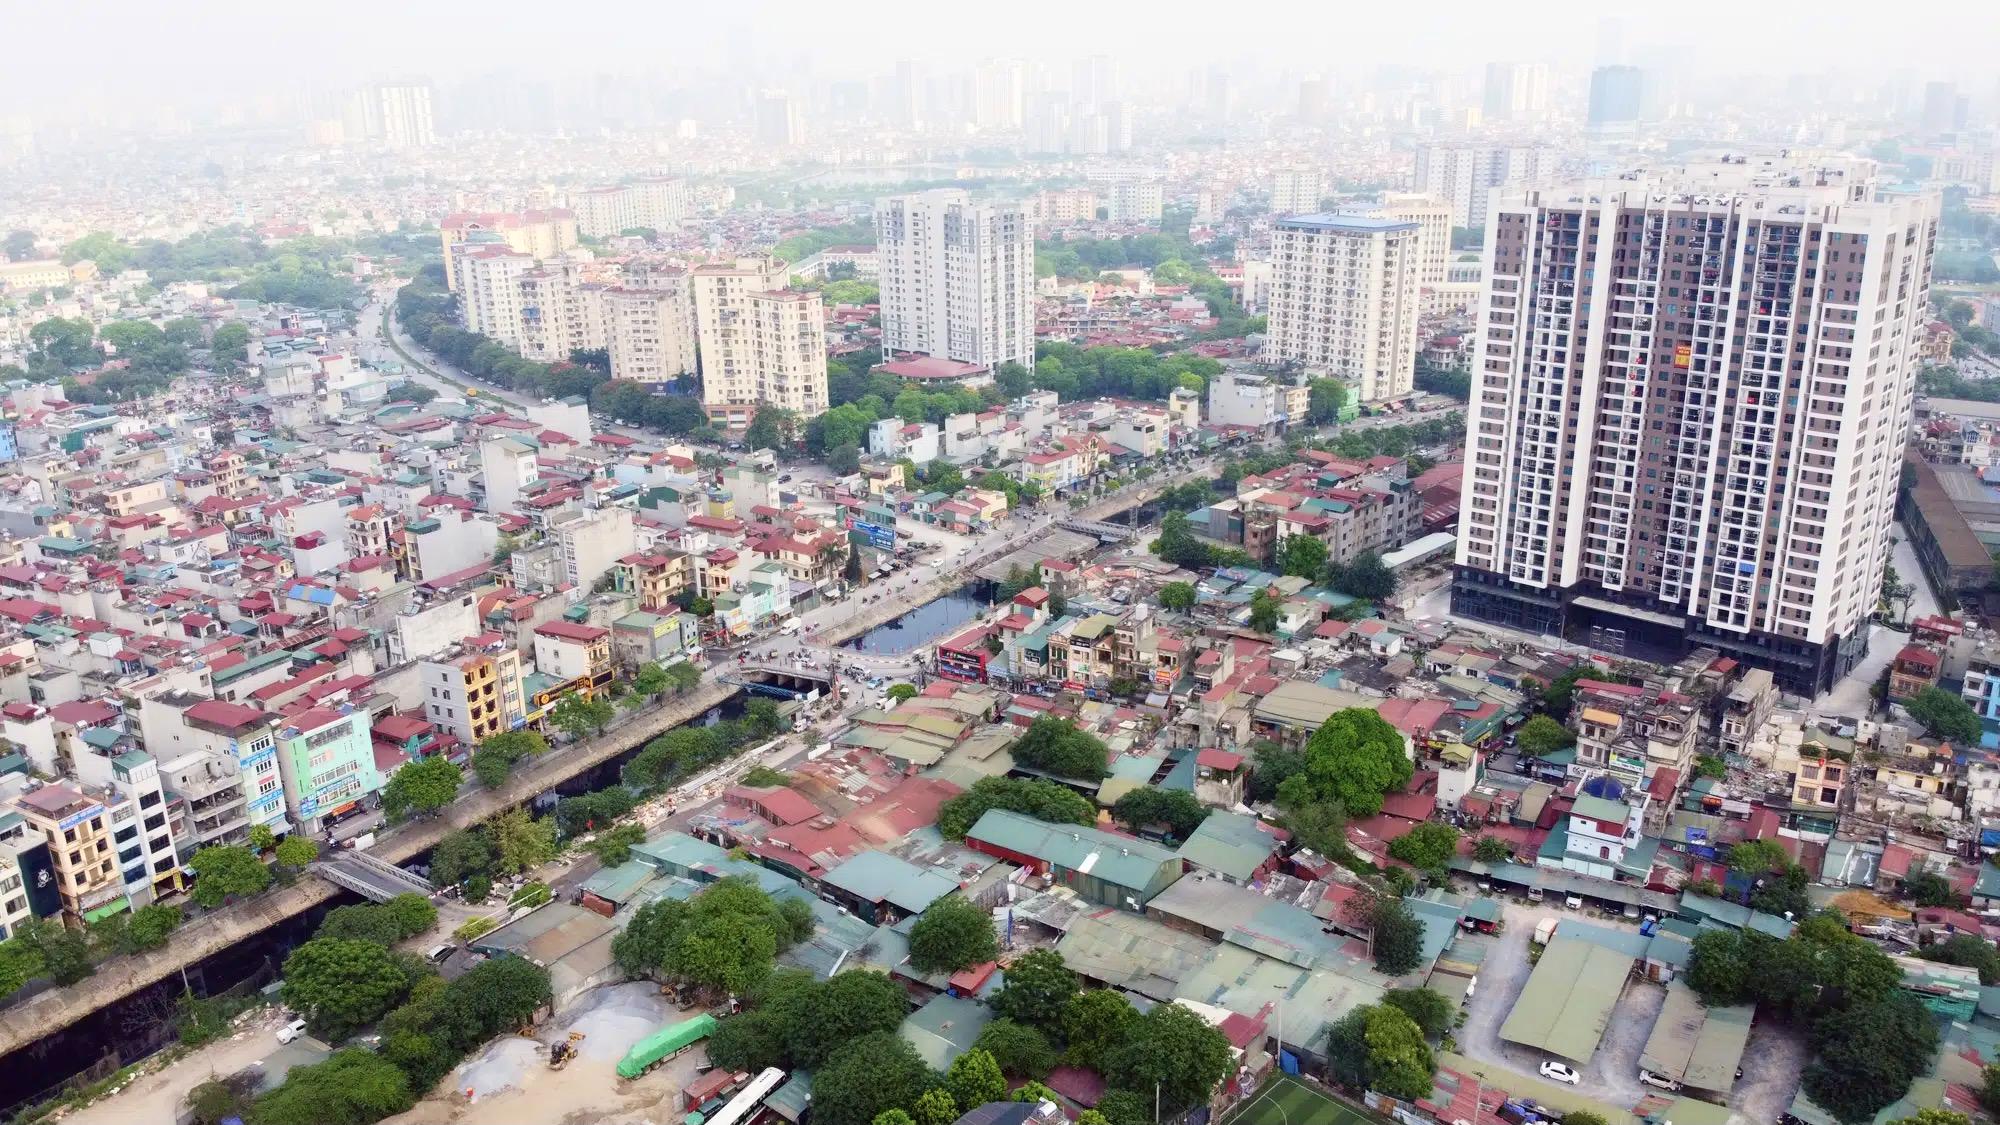 Duyệt kế hoạch sử dụng đất quận Hoàng Mai, Hà Nội năm 2021, đáng chú ý có dự án trung tâm thương mại Aeon Mall - Ảnh 1.